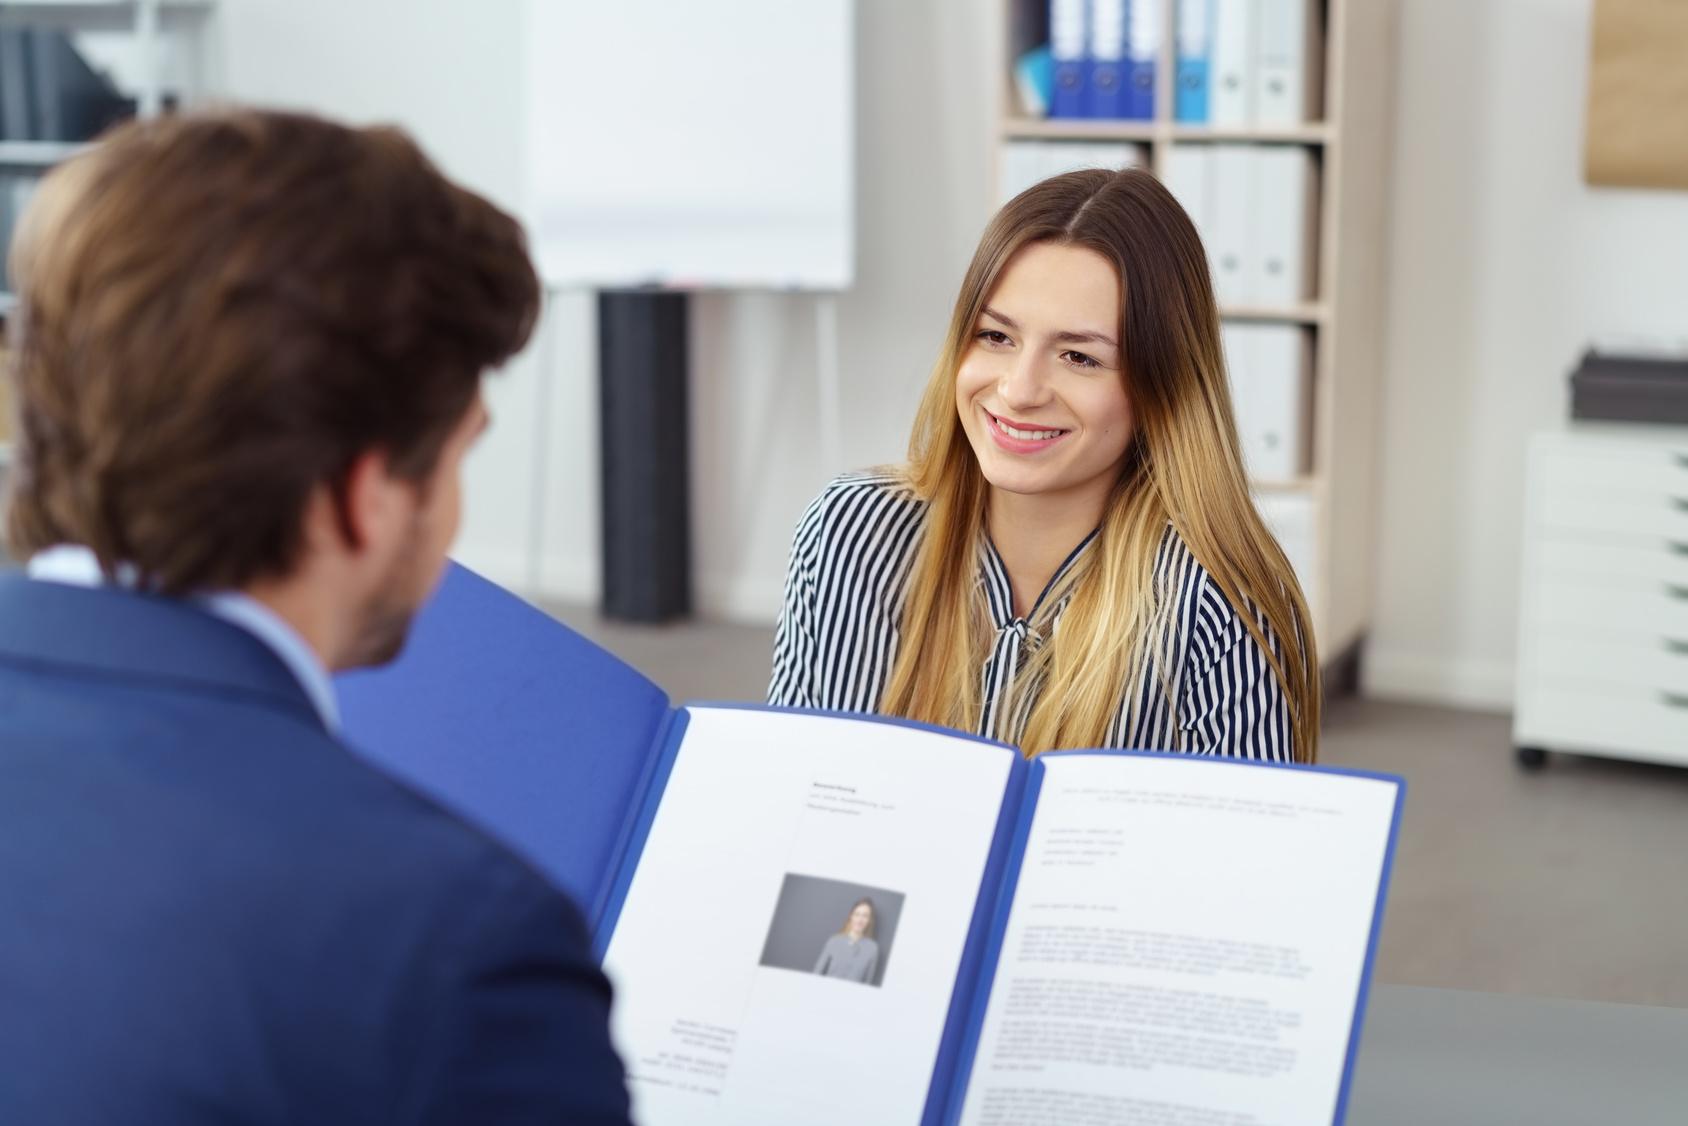 Rund um den Bewerbungsprozess: Auf dem Weg zum ersten Job - ZITTY